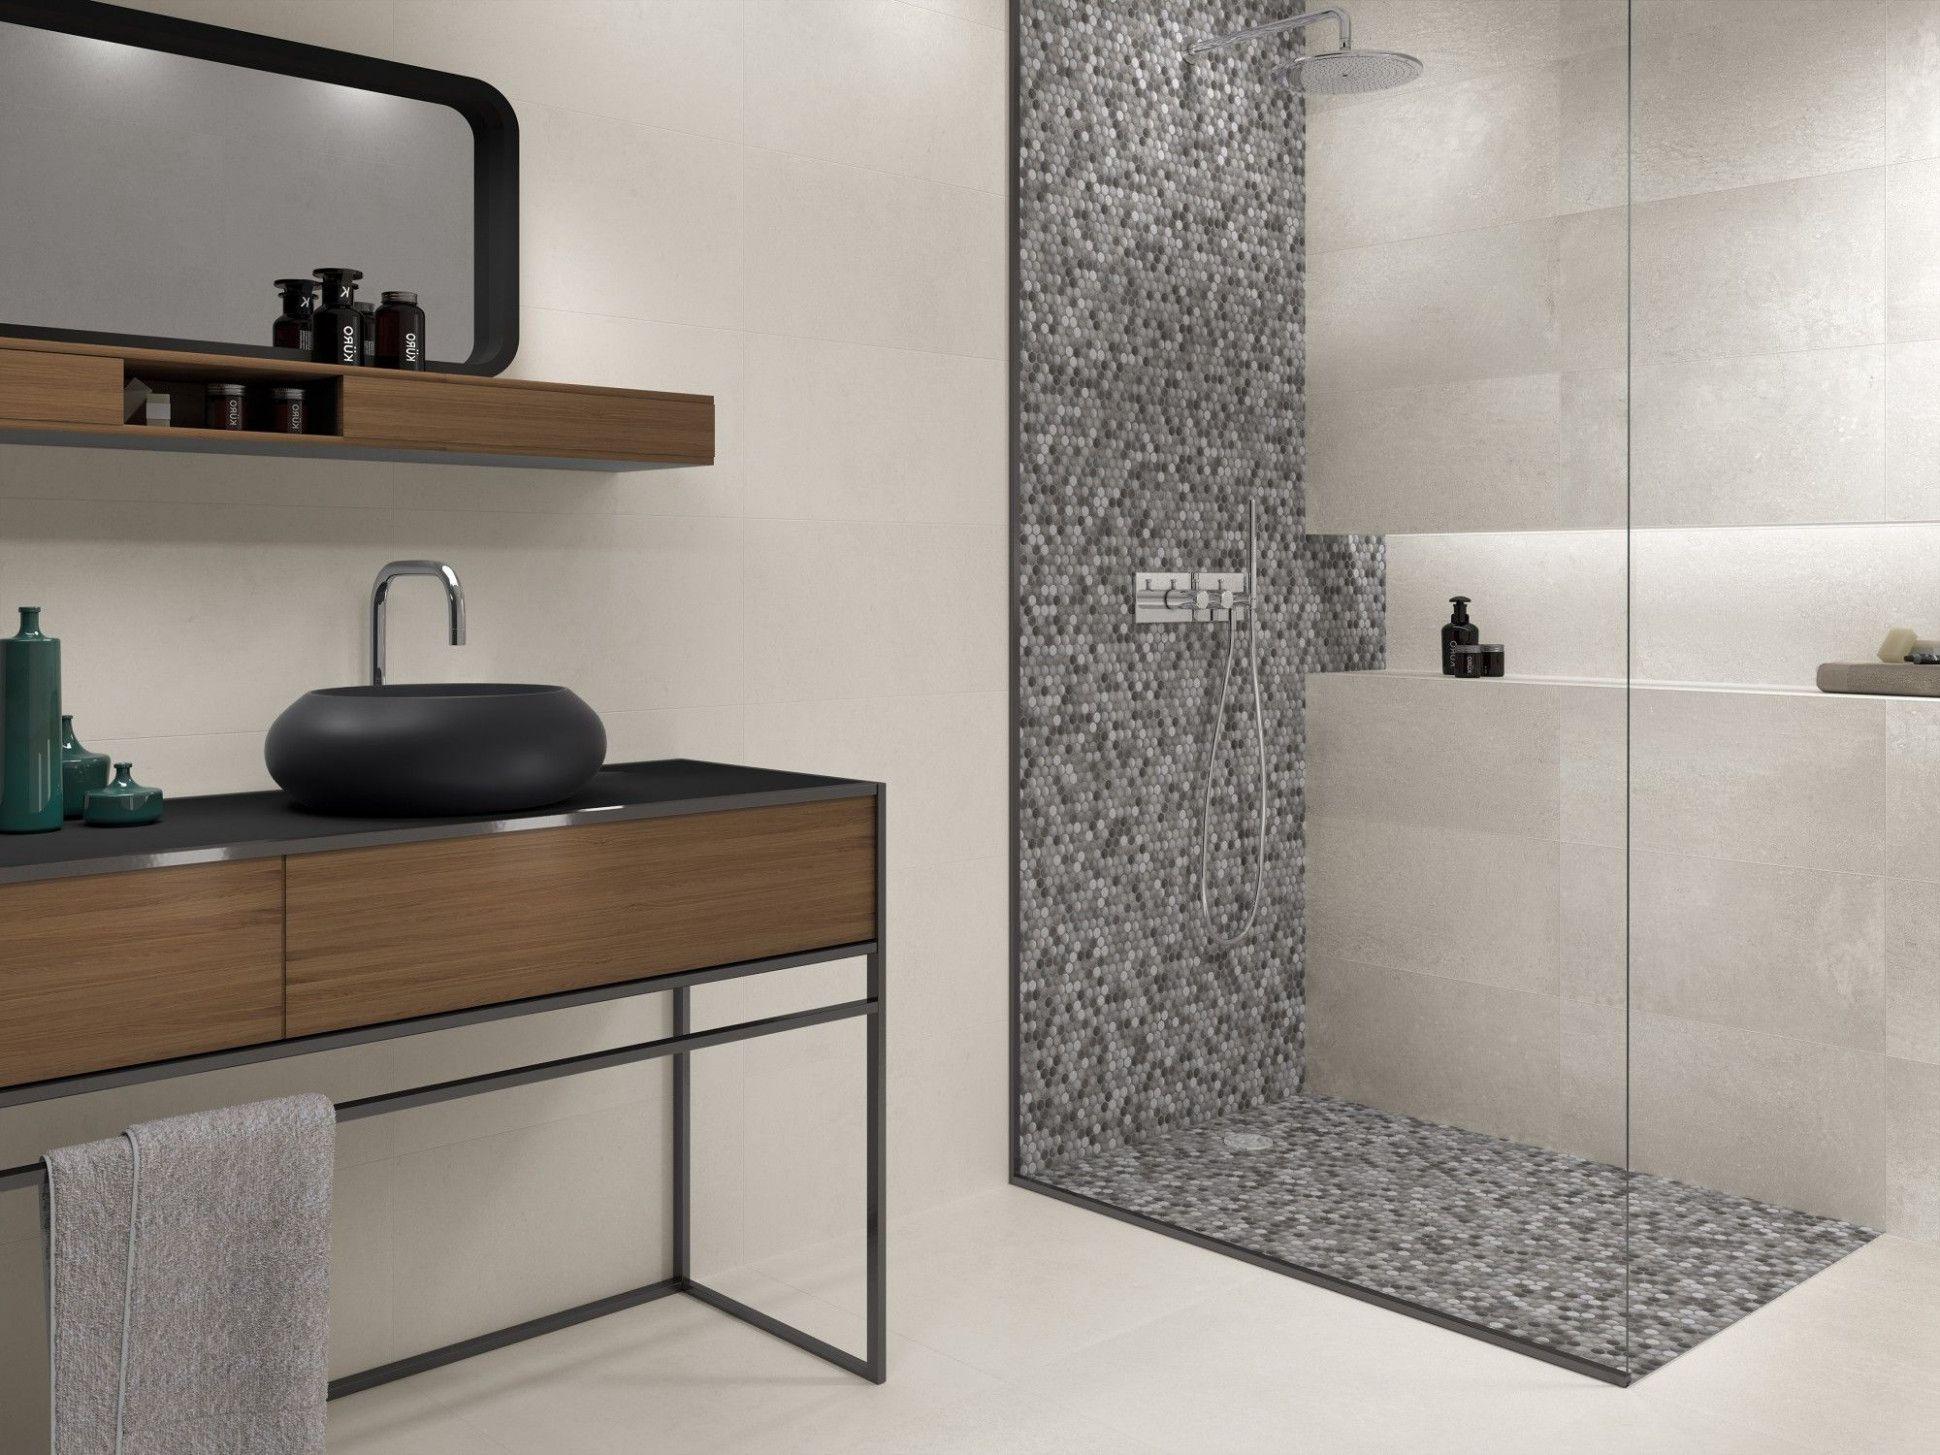 14 Mosaik Fliesen Wohnzimmer In 2020 Fliesen Wohnzimmer Mosaik Fliesen Bad Badezimmer Gestalten